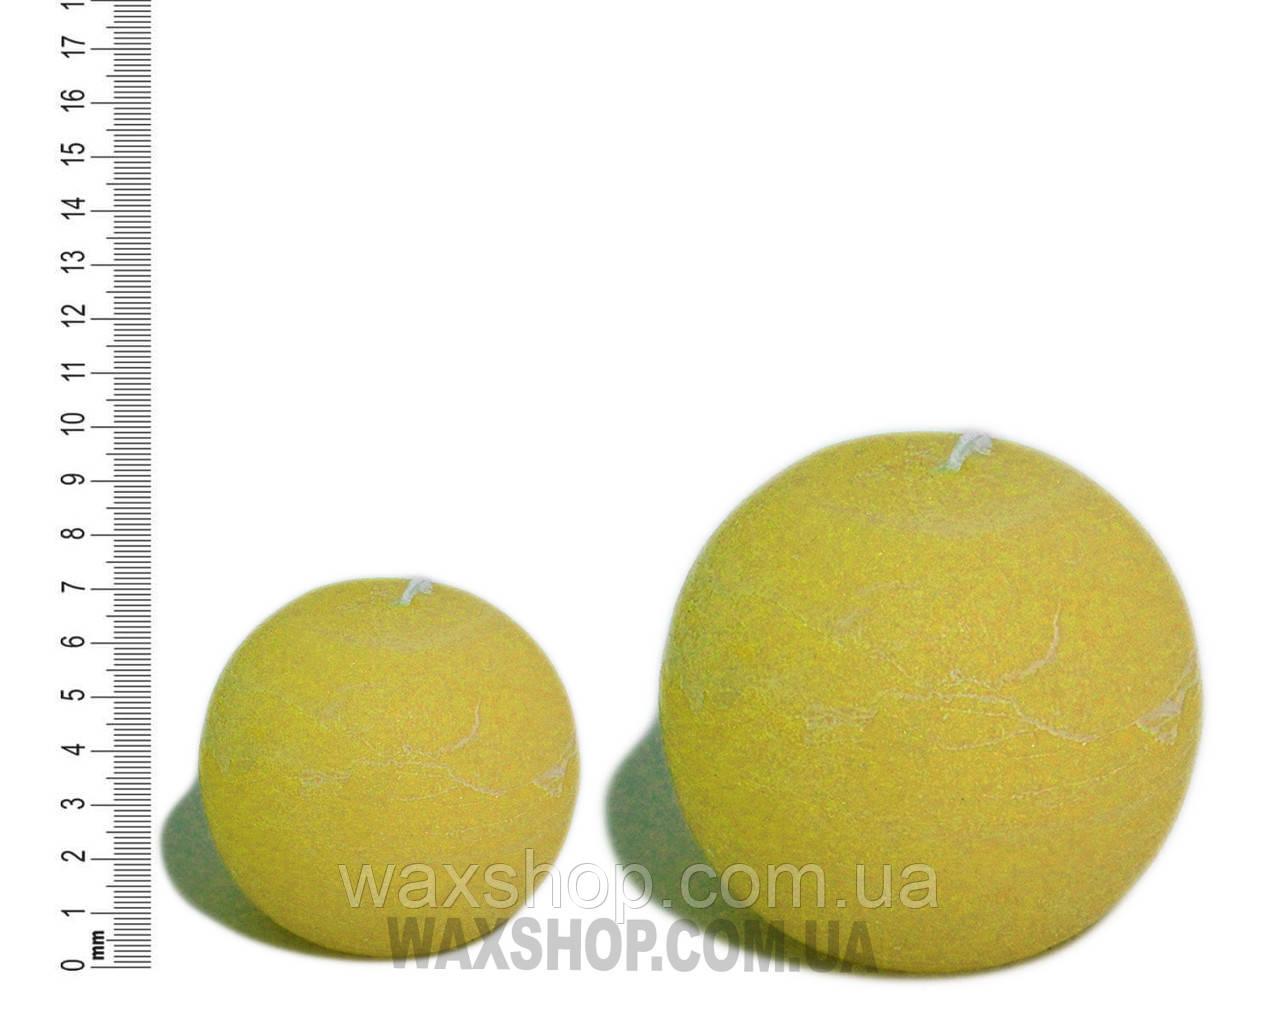 Свеча шар 7 см Желто-Оранжевый